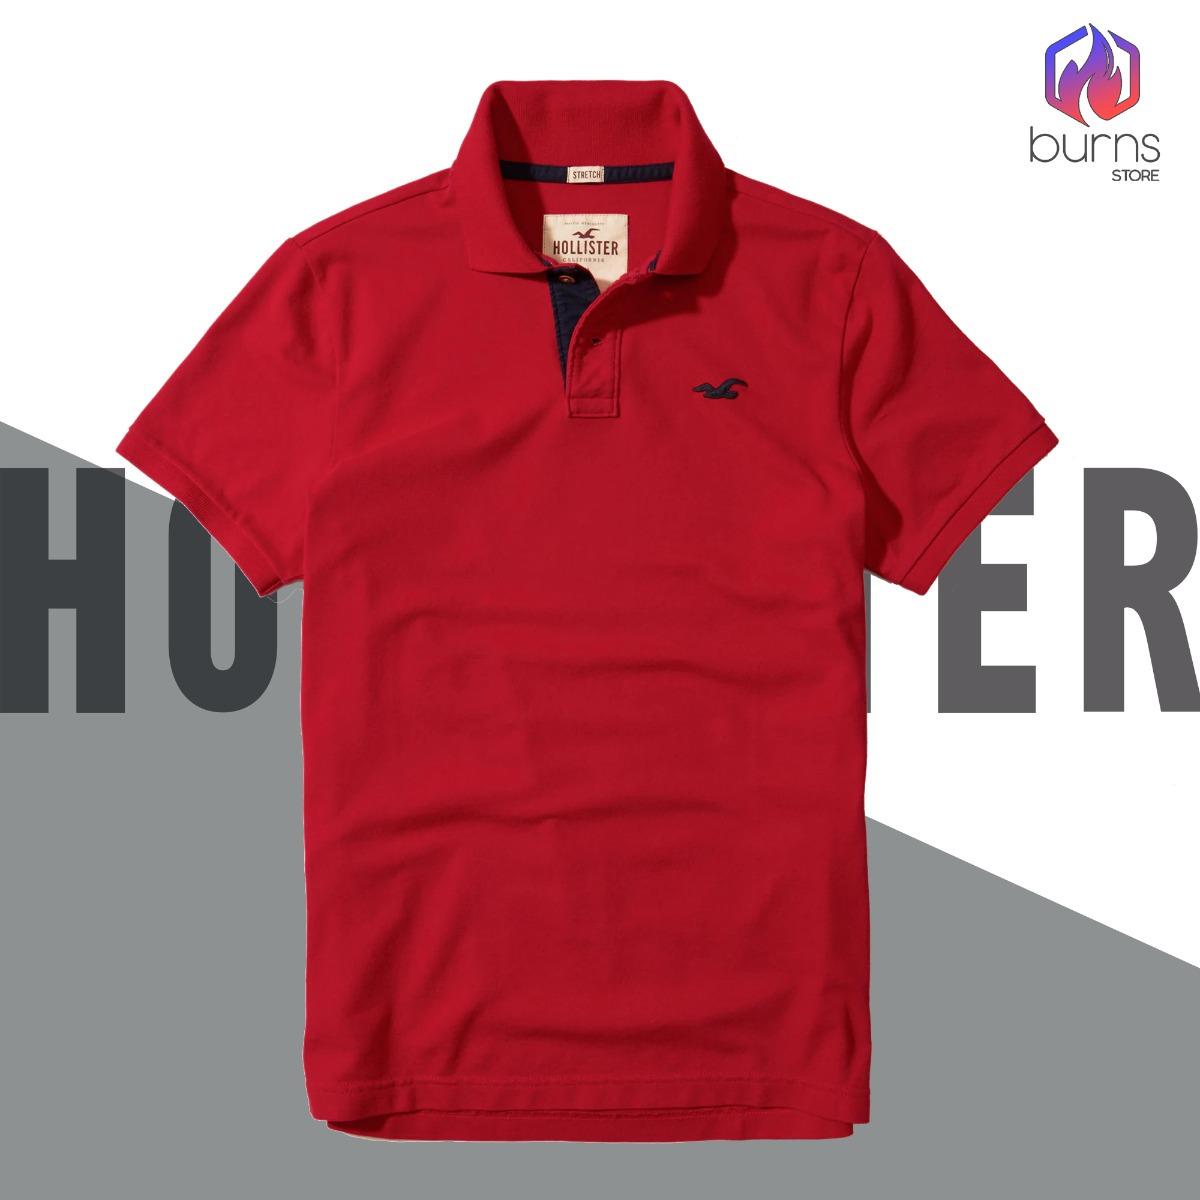 camisa polo hollister original camisas gola polo originais. Carregando zoom. 2d248d53d7